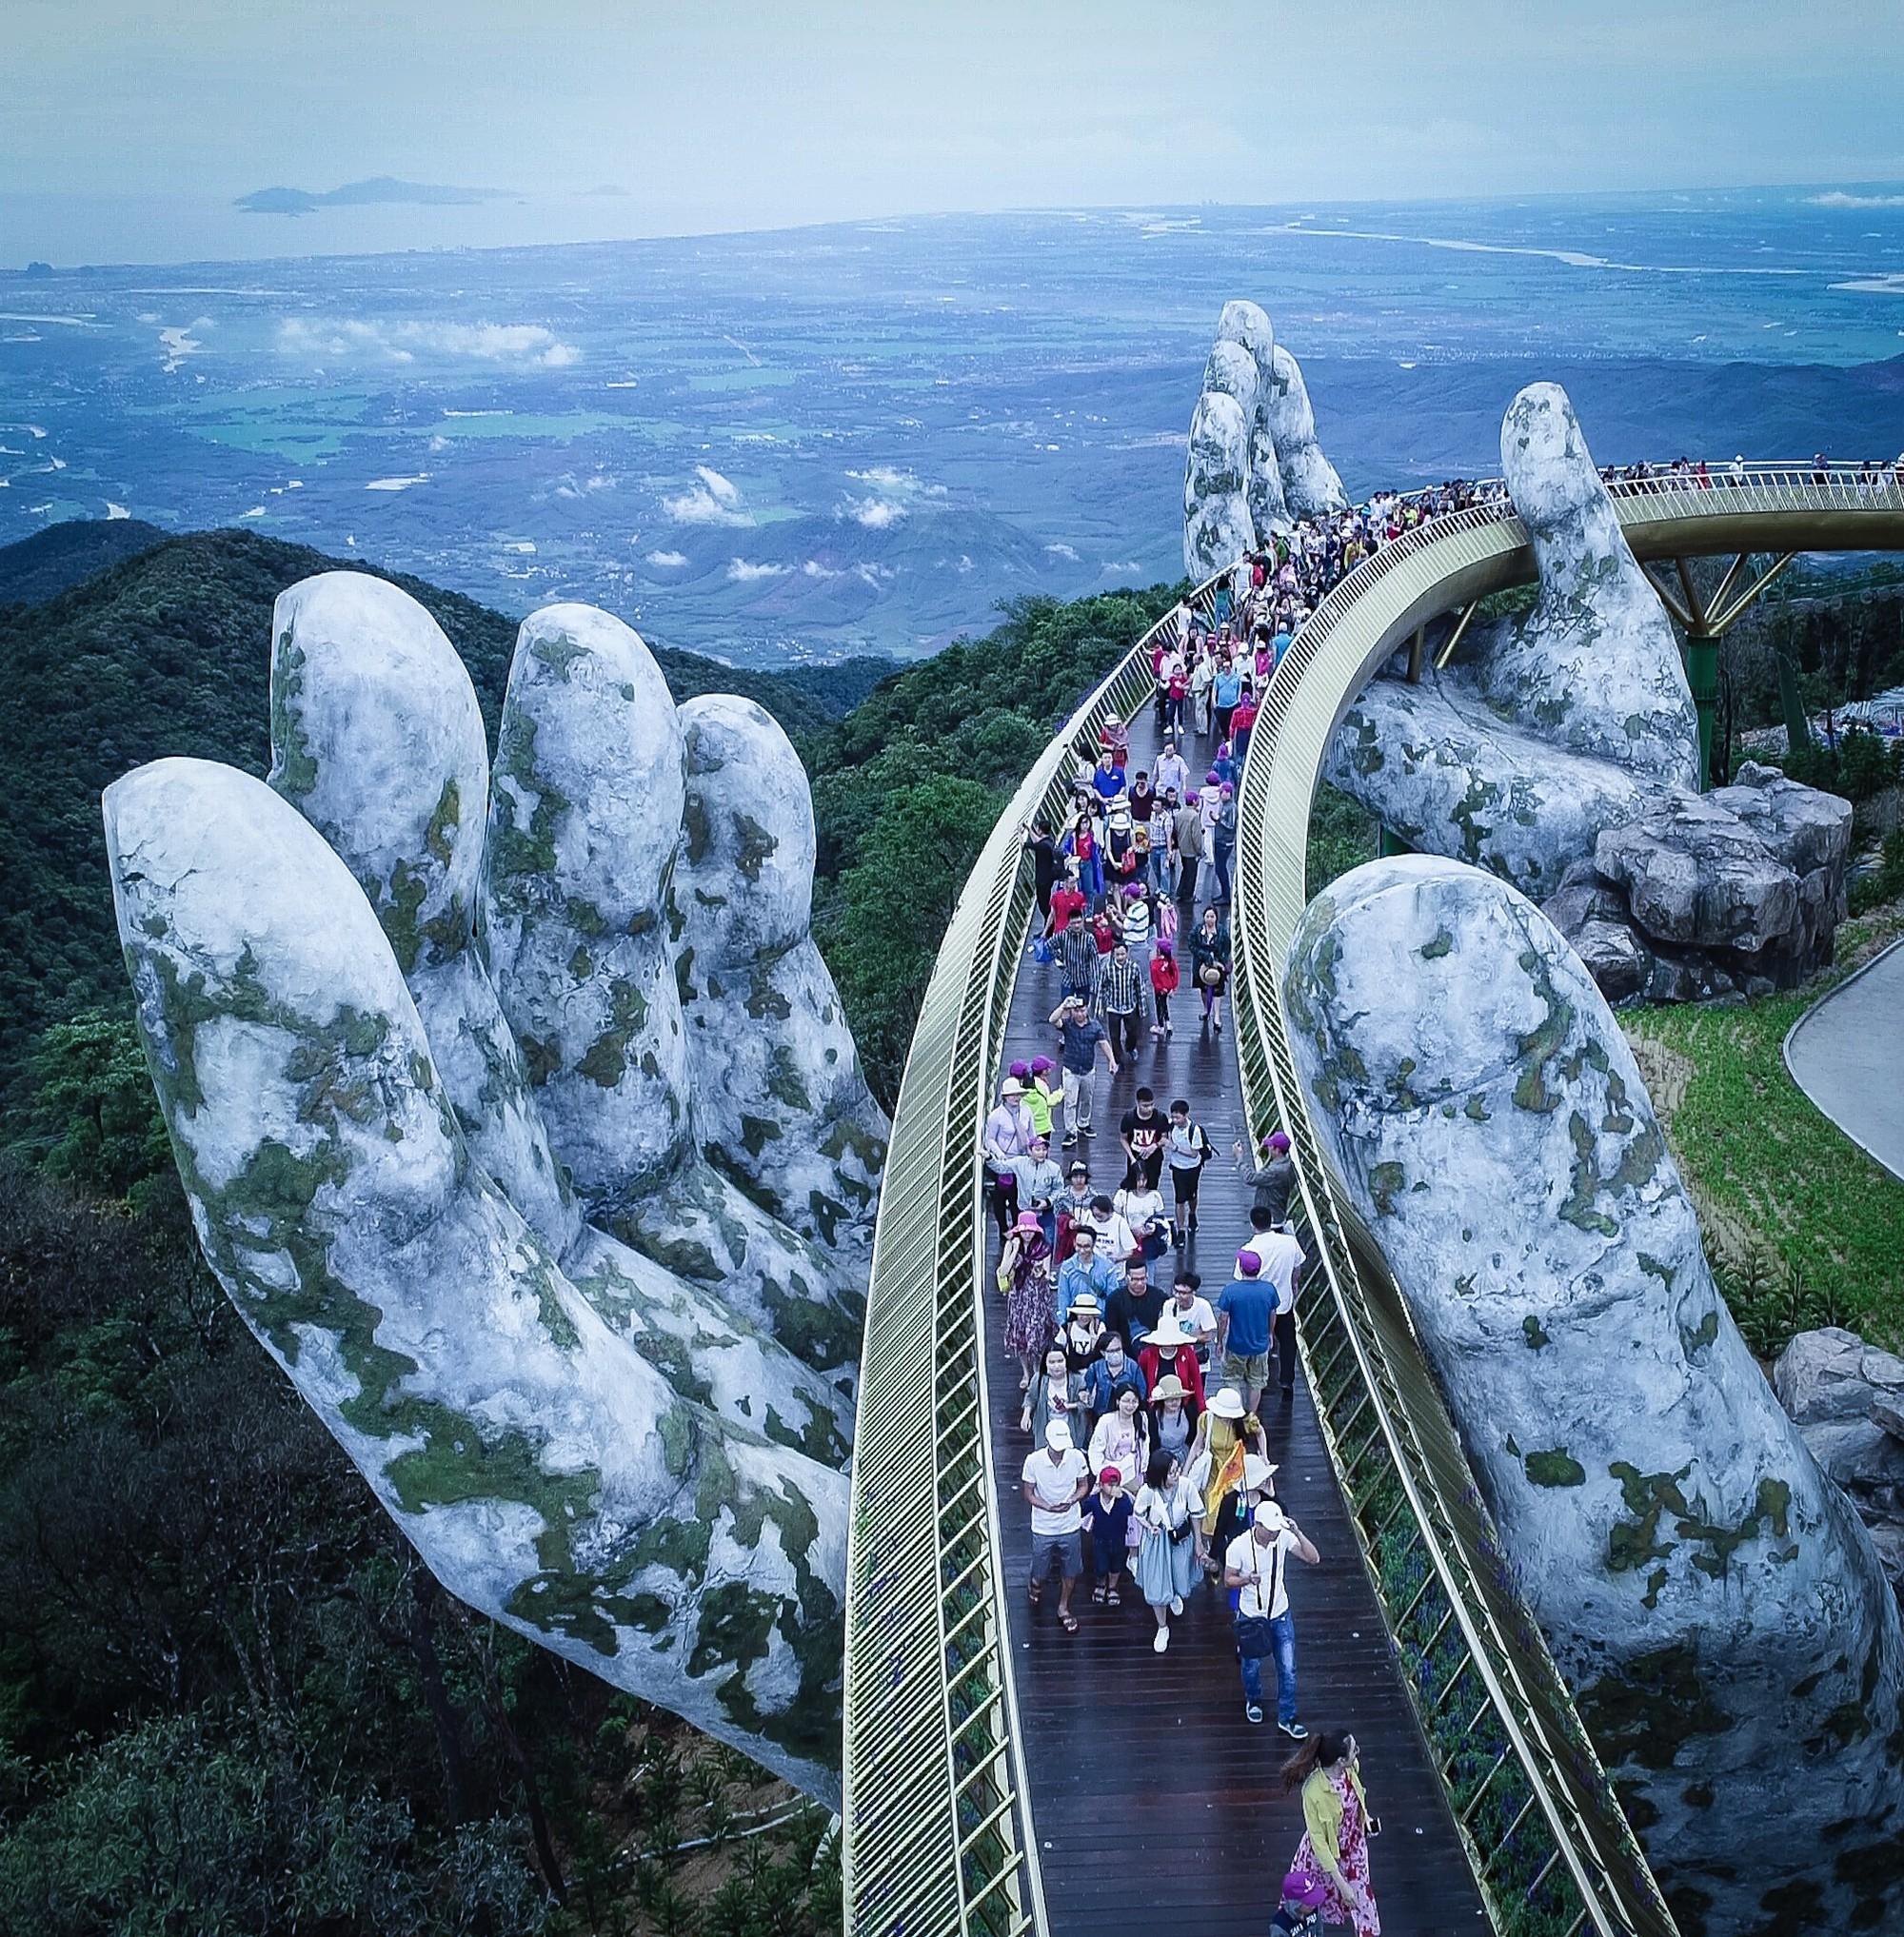 Hơn một sản phẩm du lịch, Cầu Vàng trở thành nguồn cảm hứng cho cộng đồng - Ảnh 4.